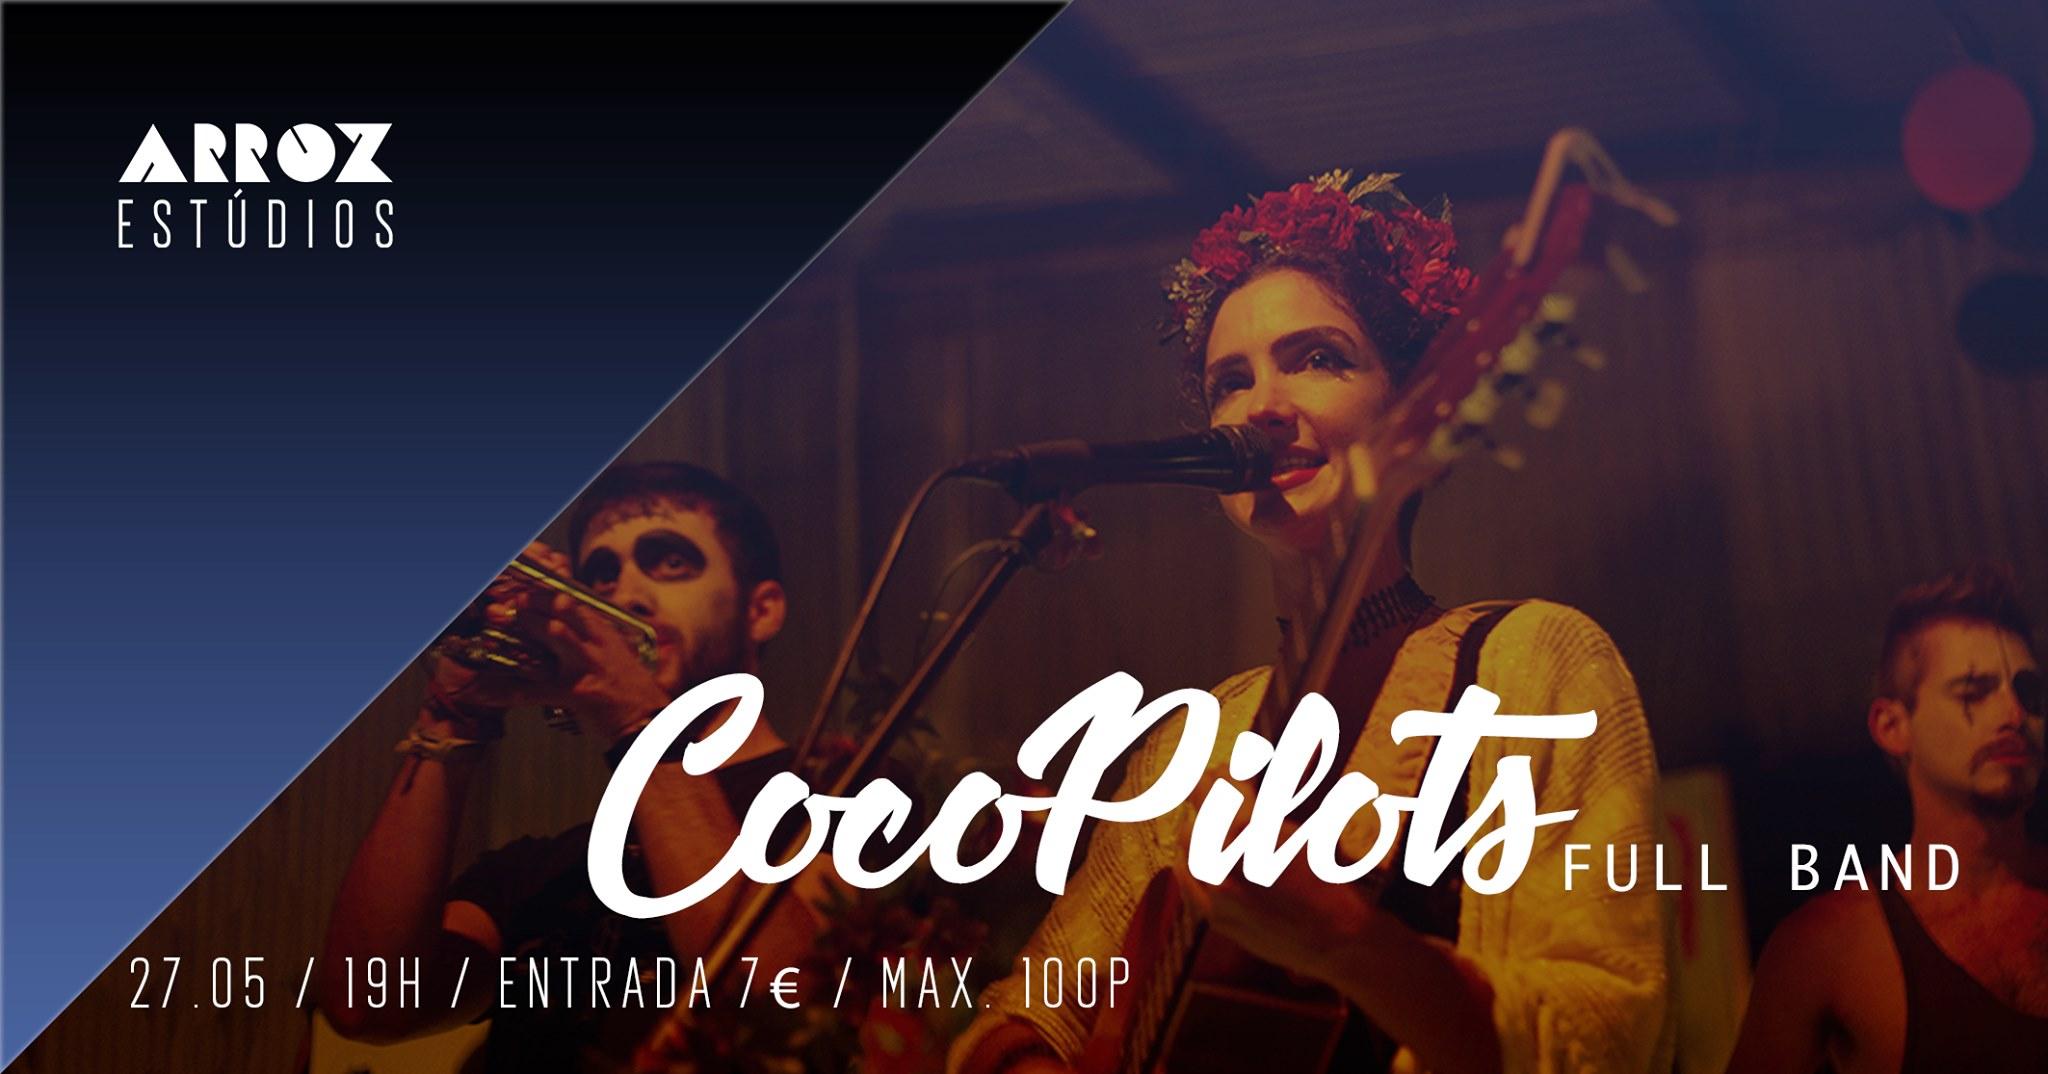 CocoPilots Full Band at Arroz Esúdio